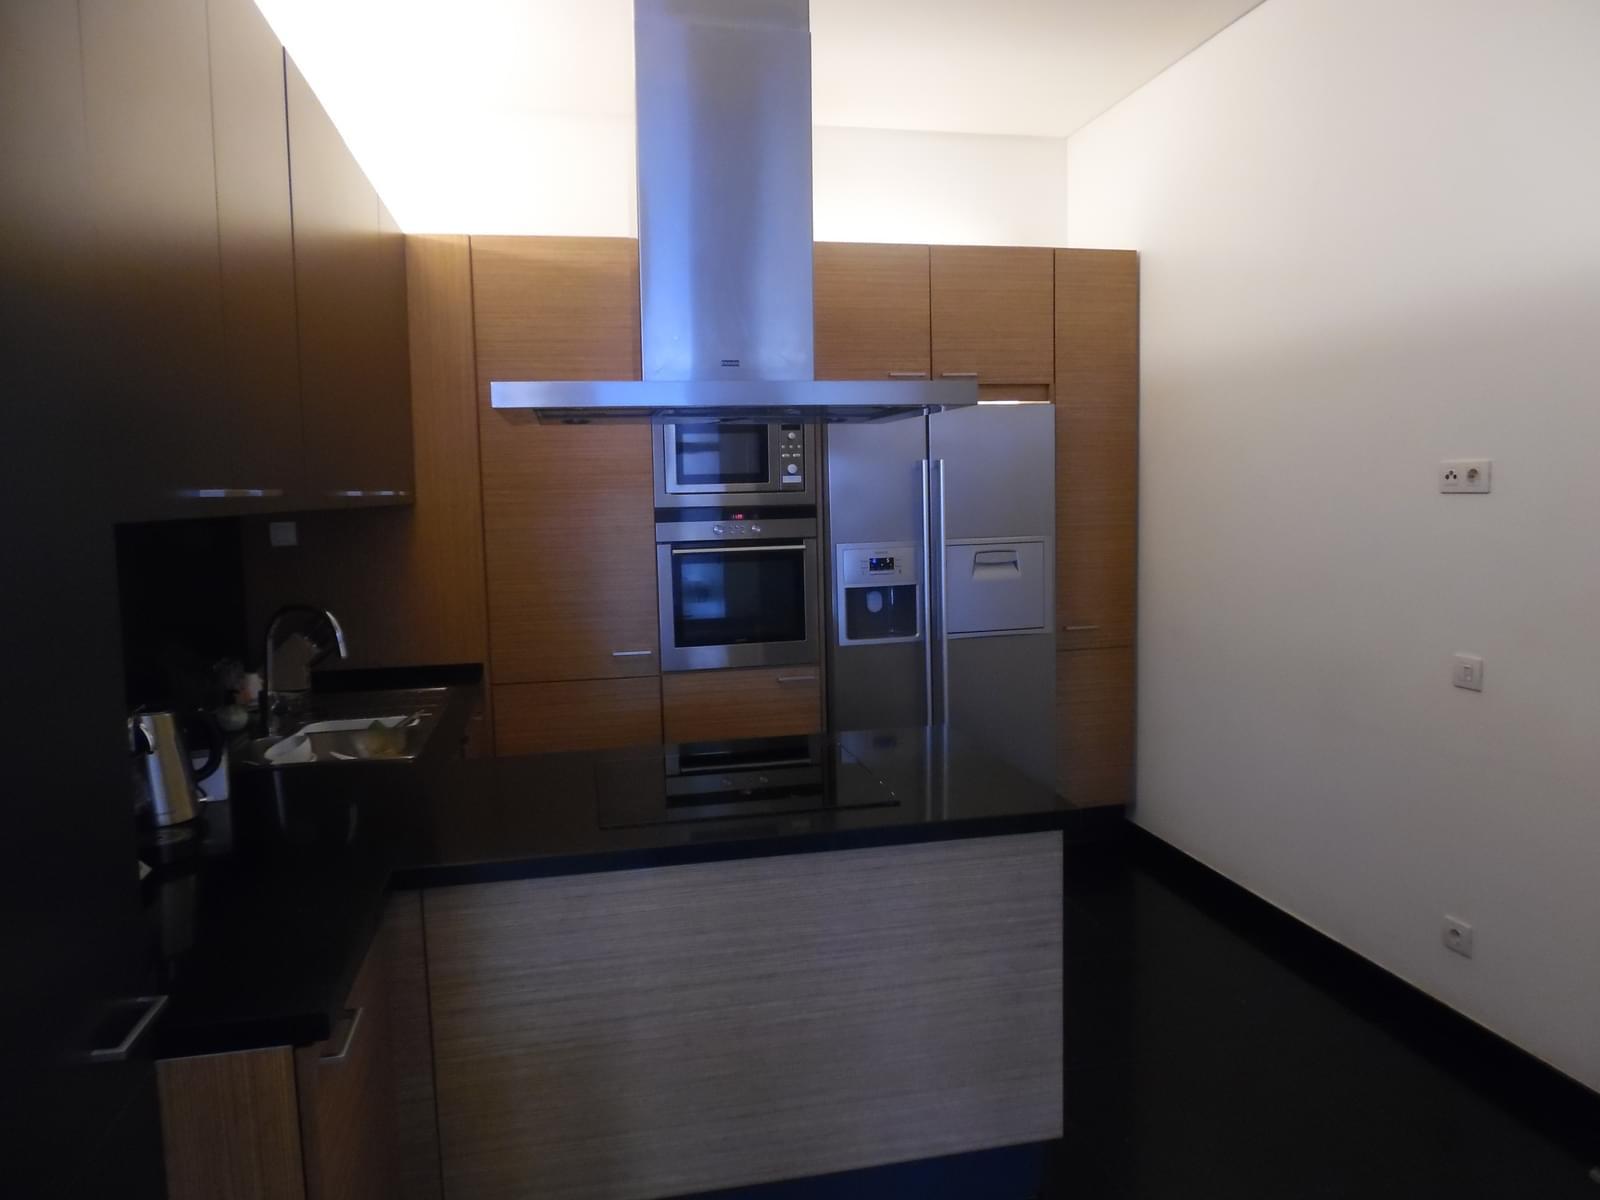 pf17454-apartamento-t4-lisboa-16fdfb70-025e-4961-8422-af7d9cd3af45